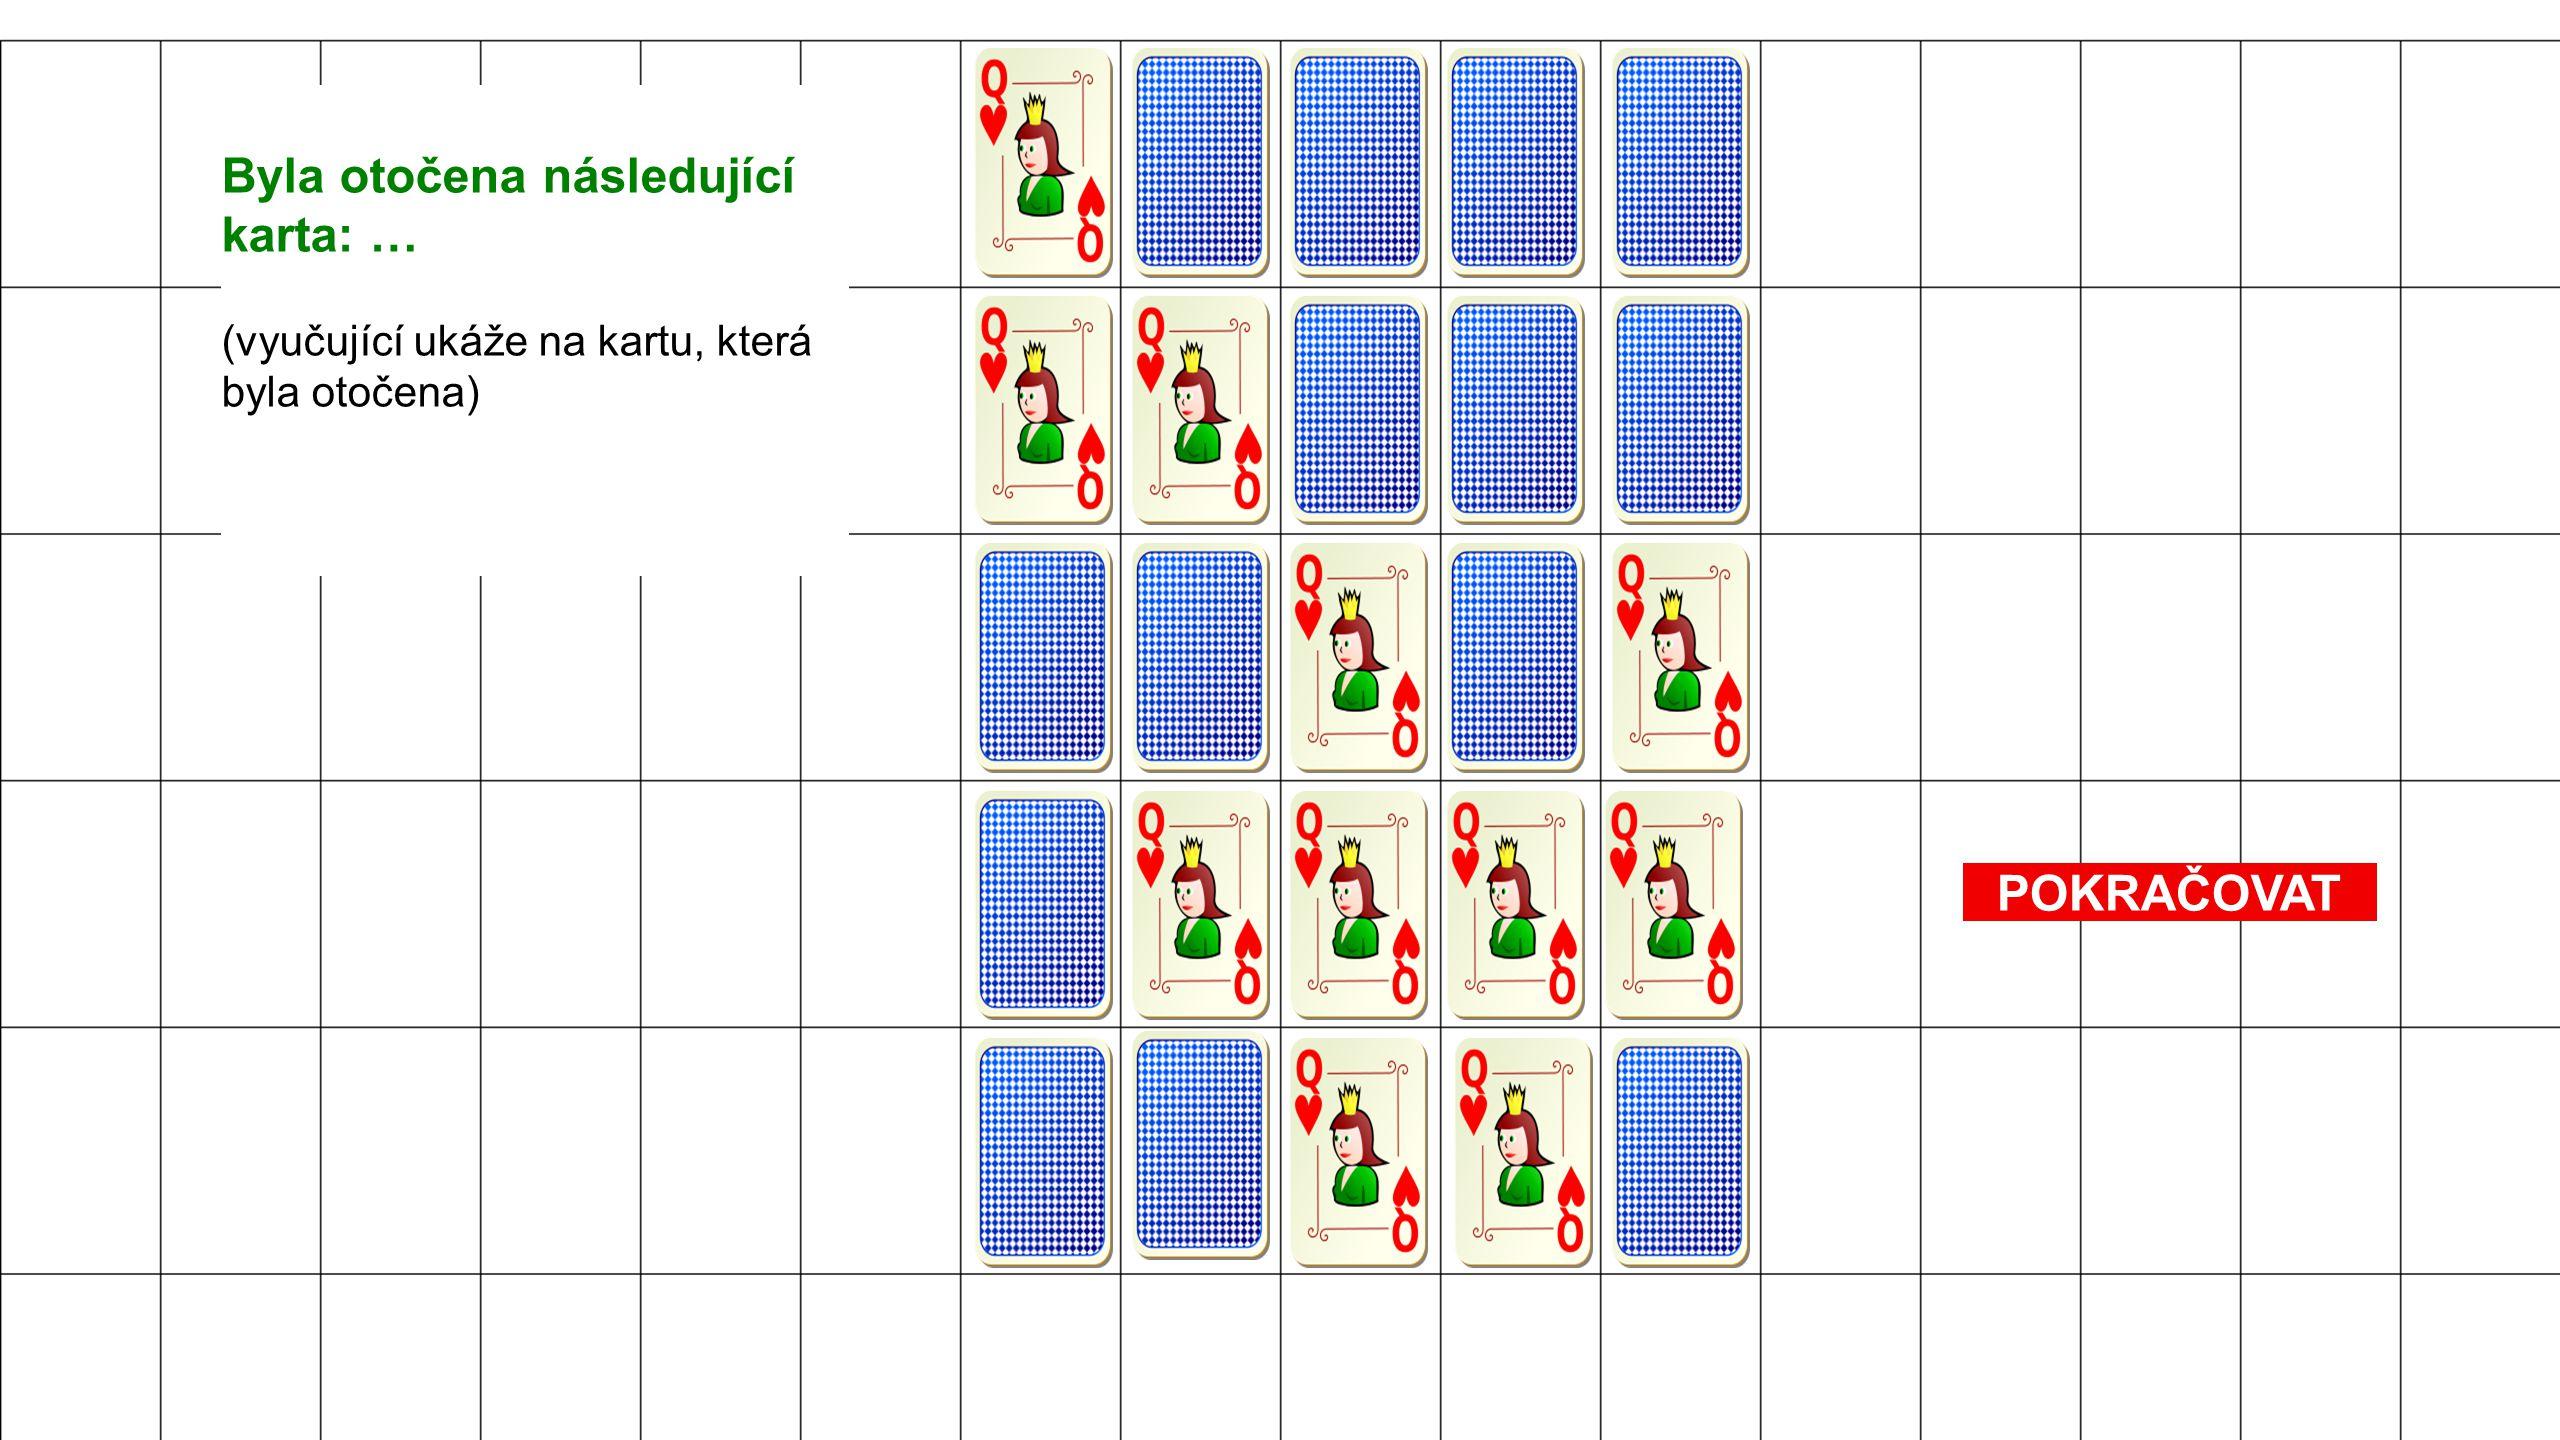 POKRAČOVAT Byla otočena následující karta: … (vyučující ukáže na kartu, která byla otočena)